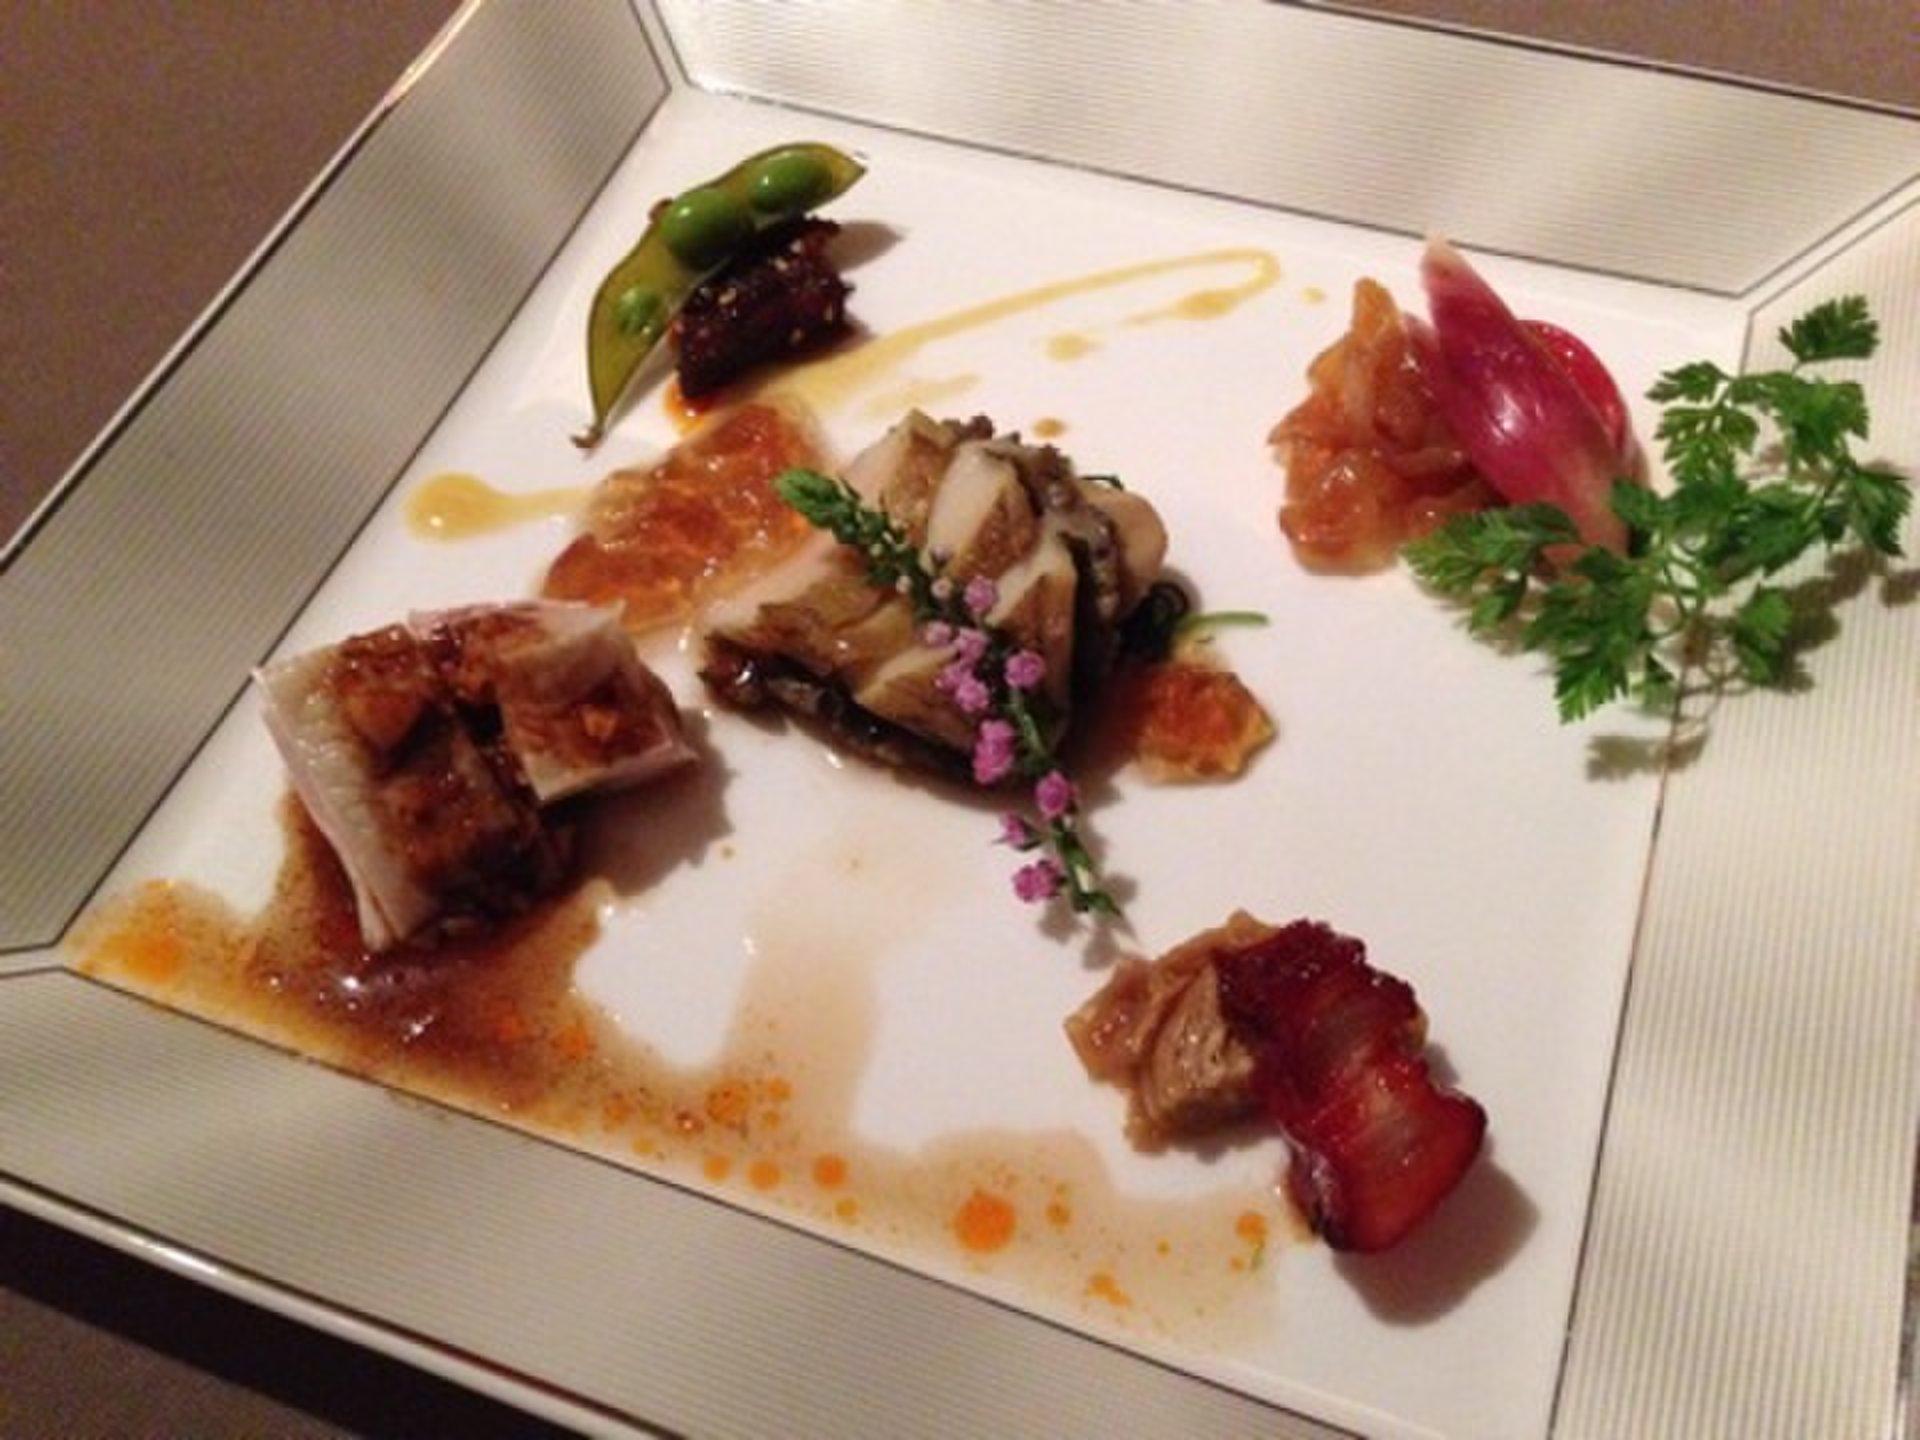 【食べログ3.5以上を厳選】六本木エリアでおすすめの中華料理屋3選!